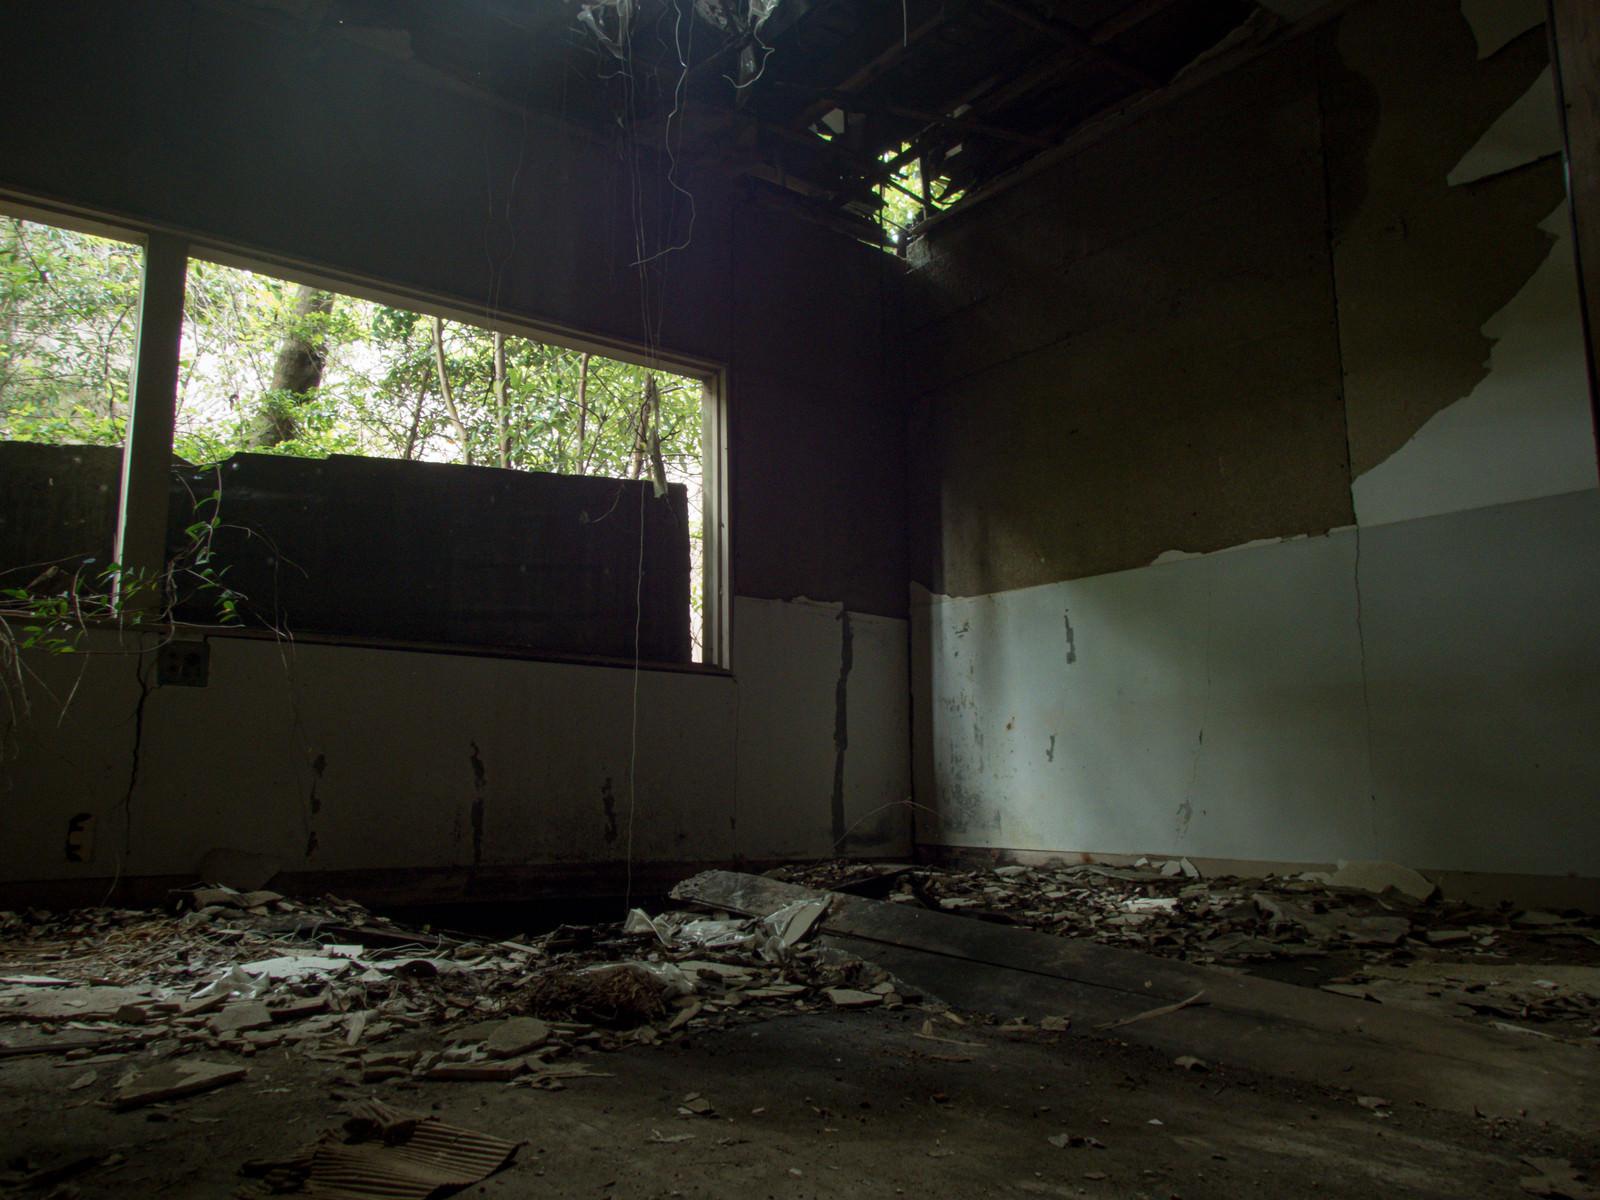 「いまにも天井が崩れ落ちそうな廃部屋」の写真